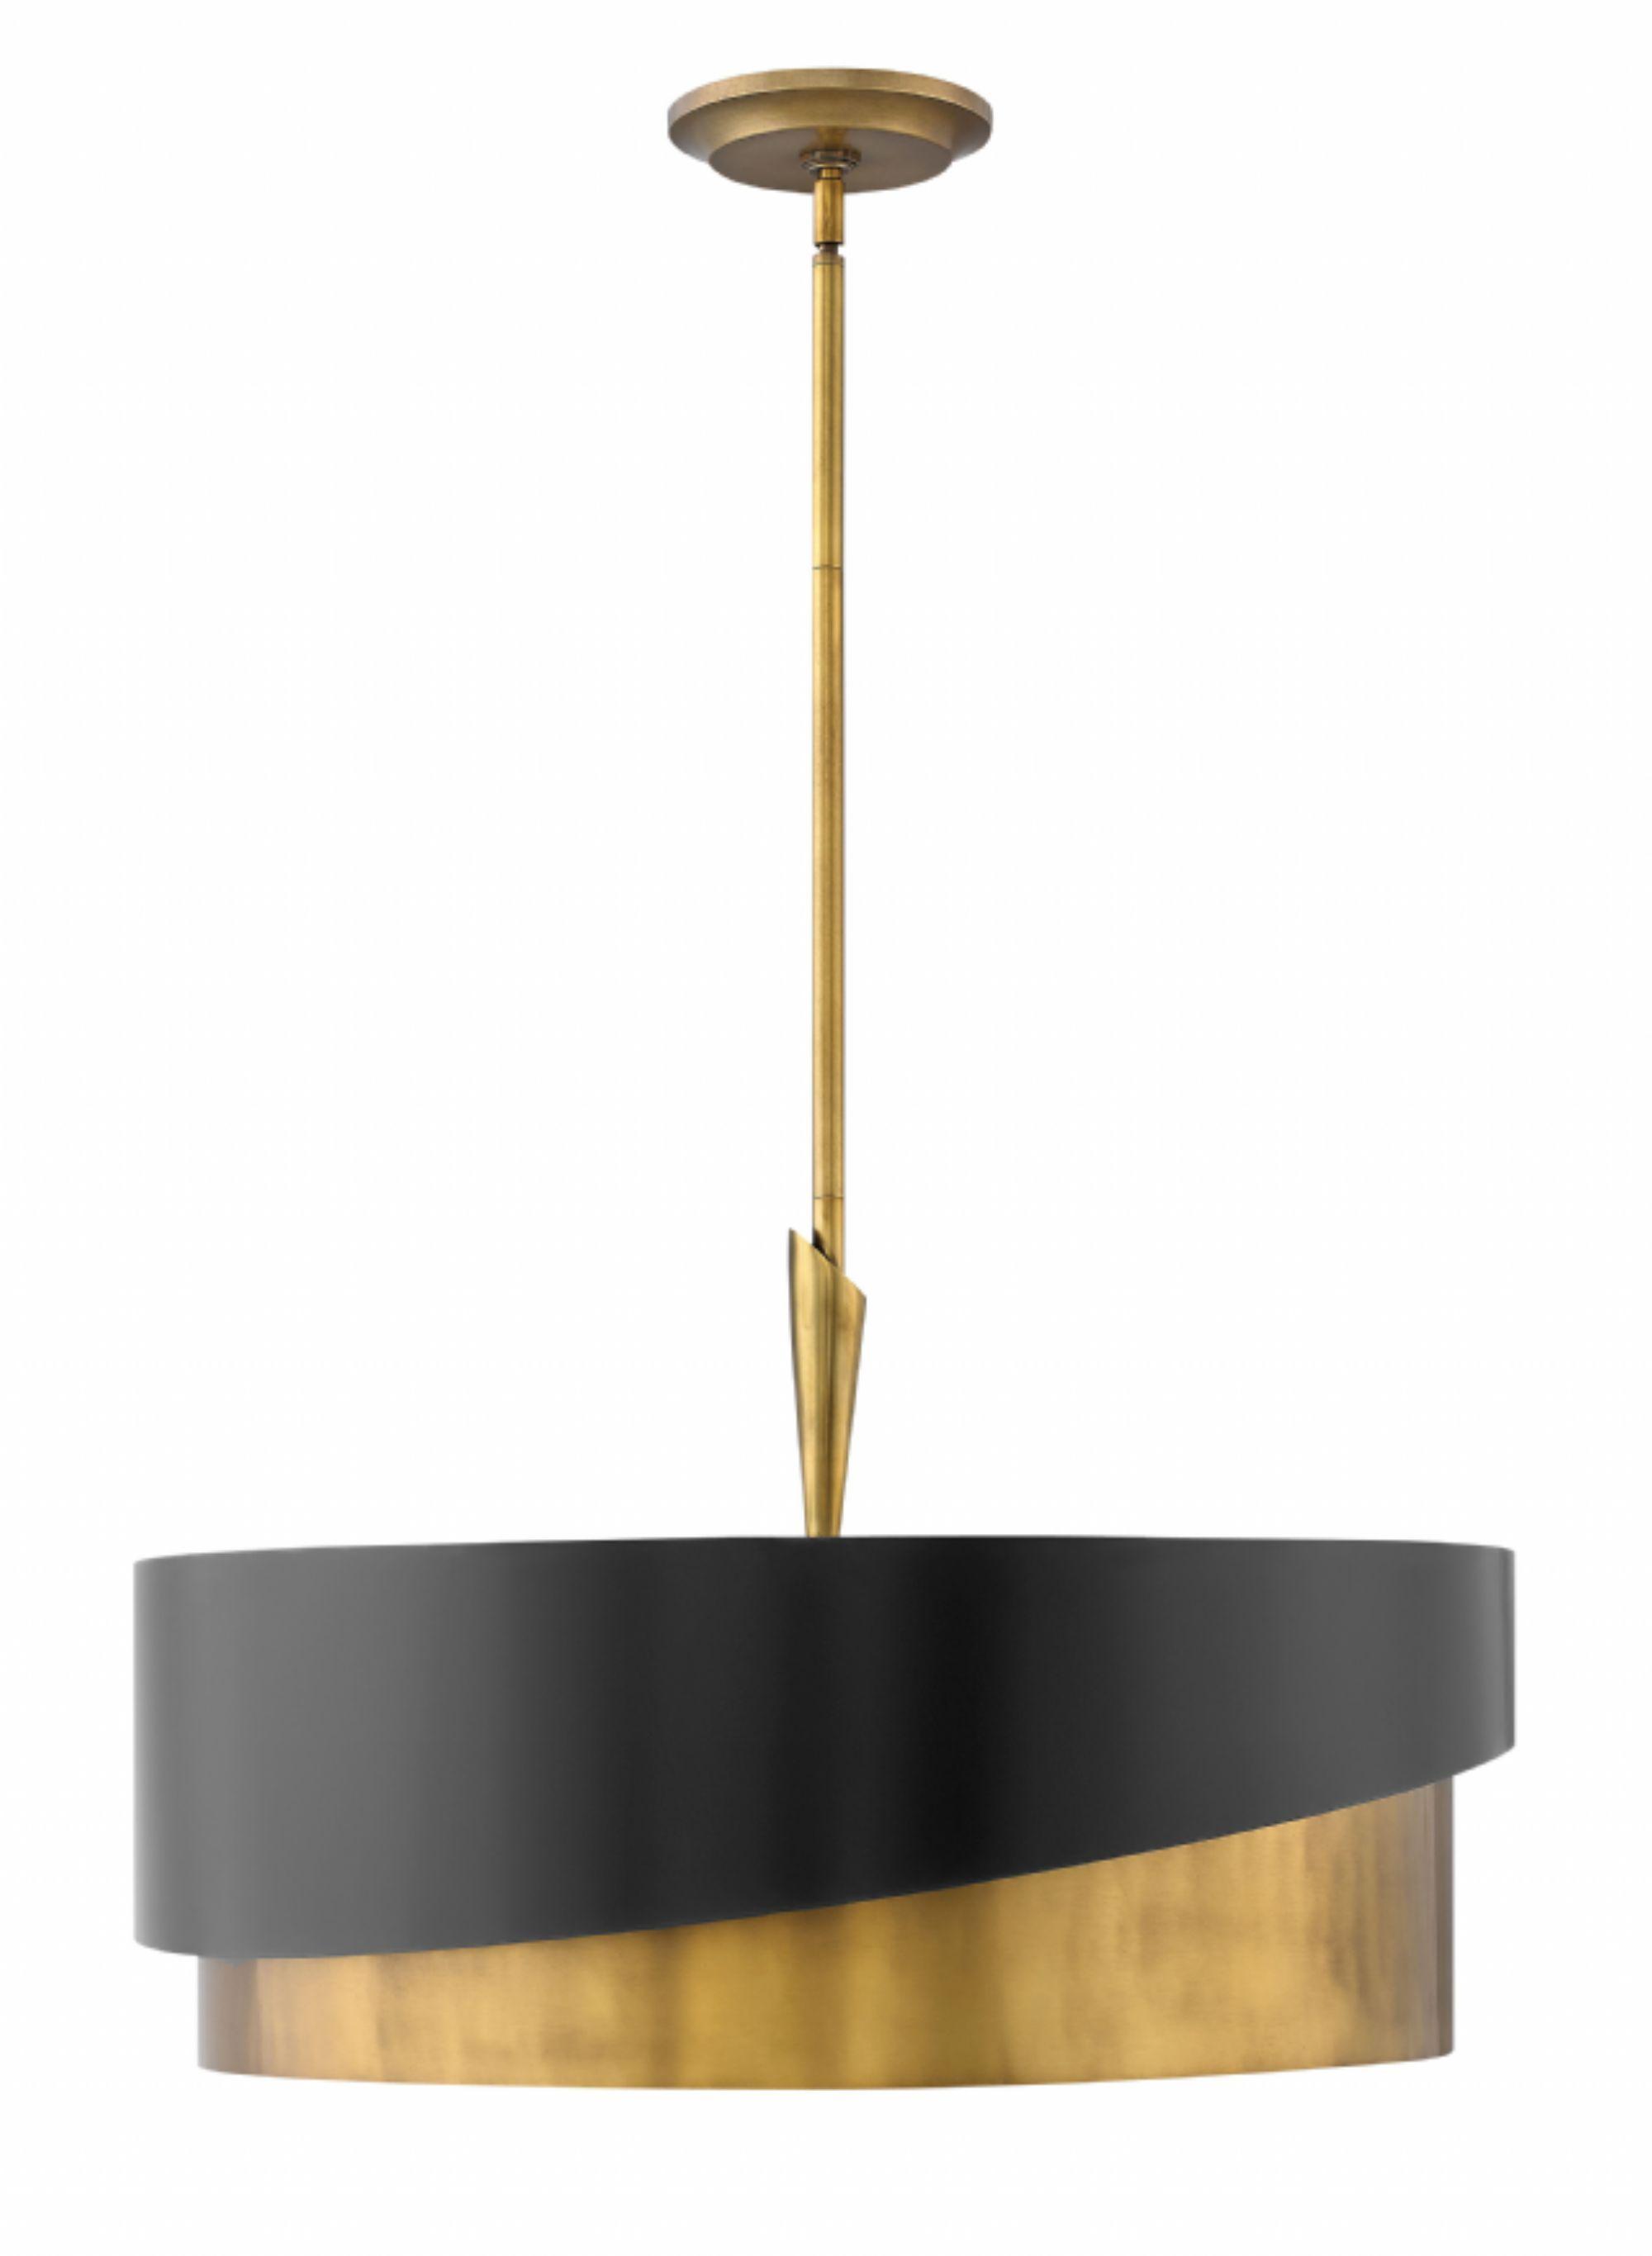 Hinkley Lighting - Gigi FR34315HBR | Modern style | Pinterest